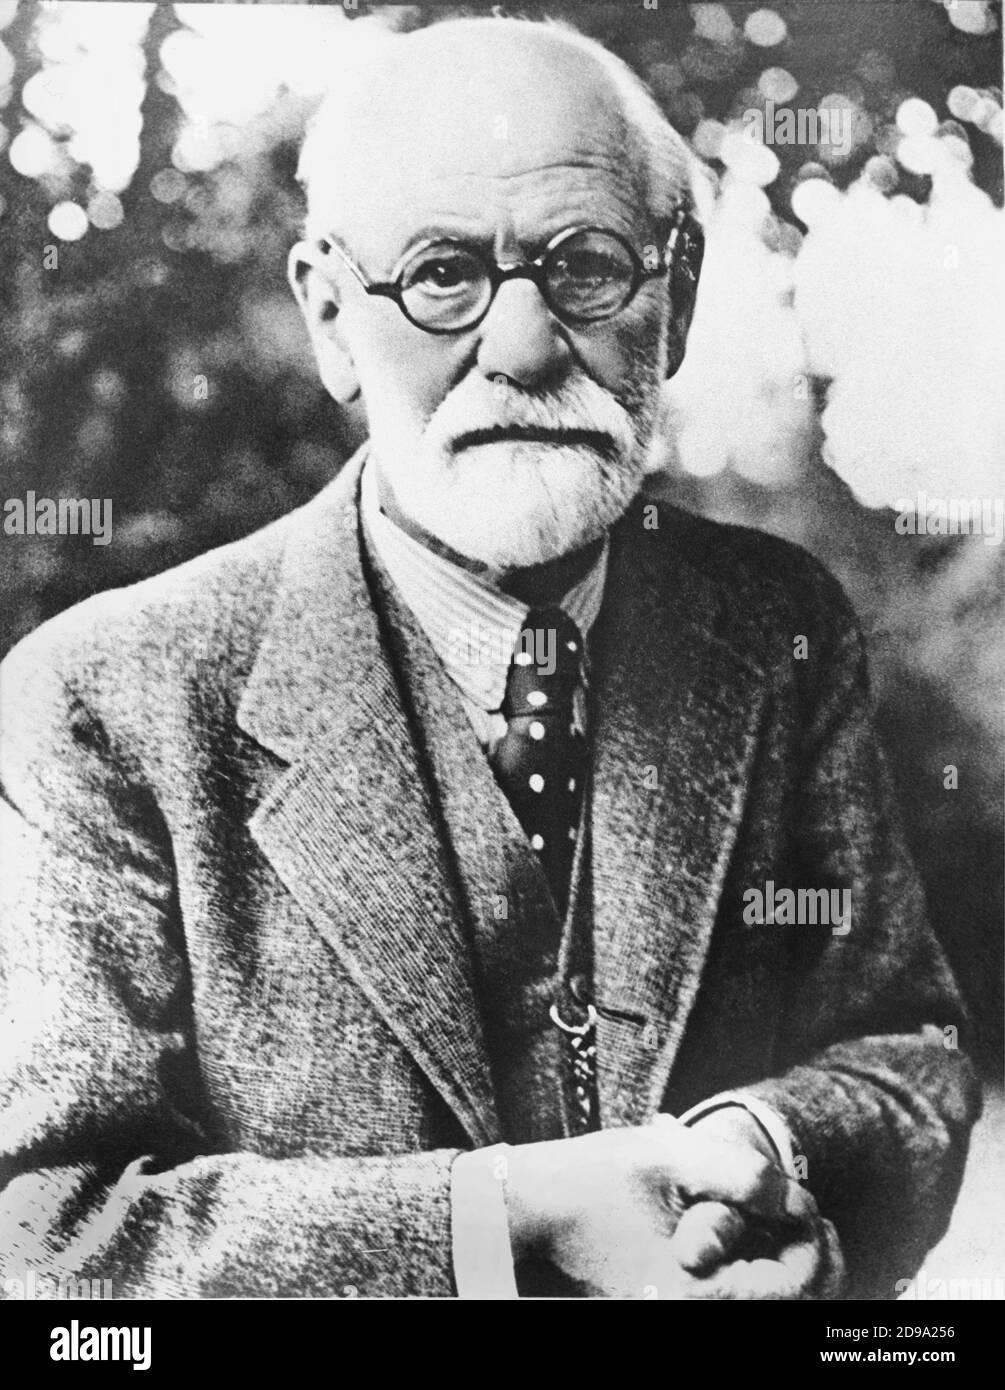 1932 ca.  : The austrian father of psychoanalysis SIGMUND FREUD ( Freiberg 1856 - London 1939 )  - PSYCHOANALYST - PSICANALISTA - PSICOANALISTA - PSICANALISI - PSICOANALISI - ebreo - jewish  - RITRATTO - PORTRAIT - profilo - profile - occhiali - glasses - lens - barba bianca - white beard - uomo anziano vecchio - older old ancient man - SCIENZIATO - SCIENTIST - genio - genius  - ring - stempiato - stempiatura - thinning at the temples  - cravatta - tie - pois - polka dots - colletto - collar  © Archivio GBB / Stock Photo